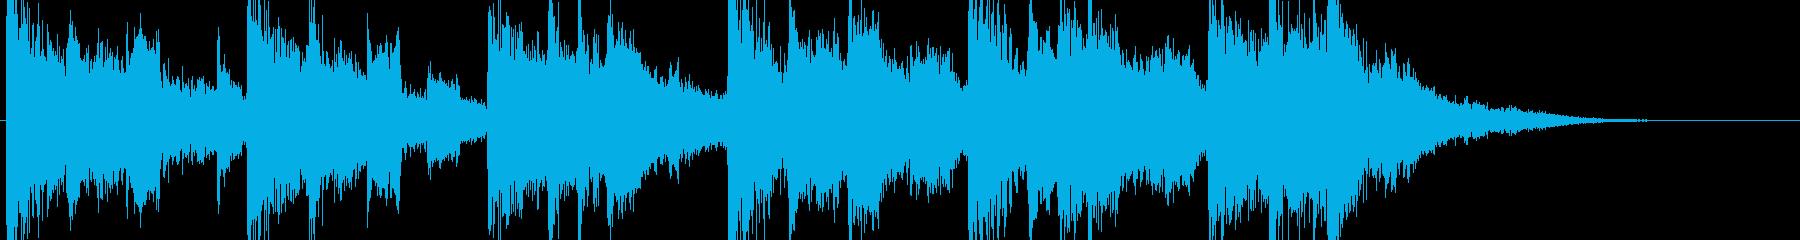 和風CM企業VP用の琴和太鼓の再生済みの波形